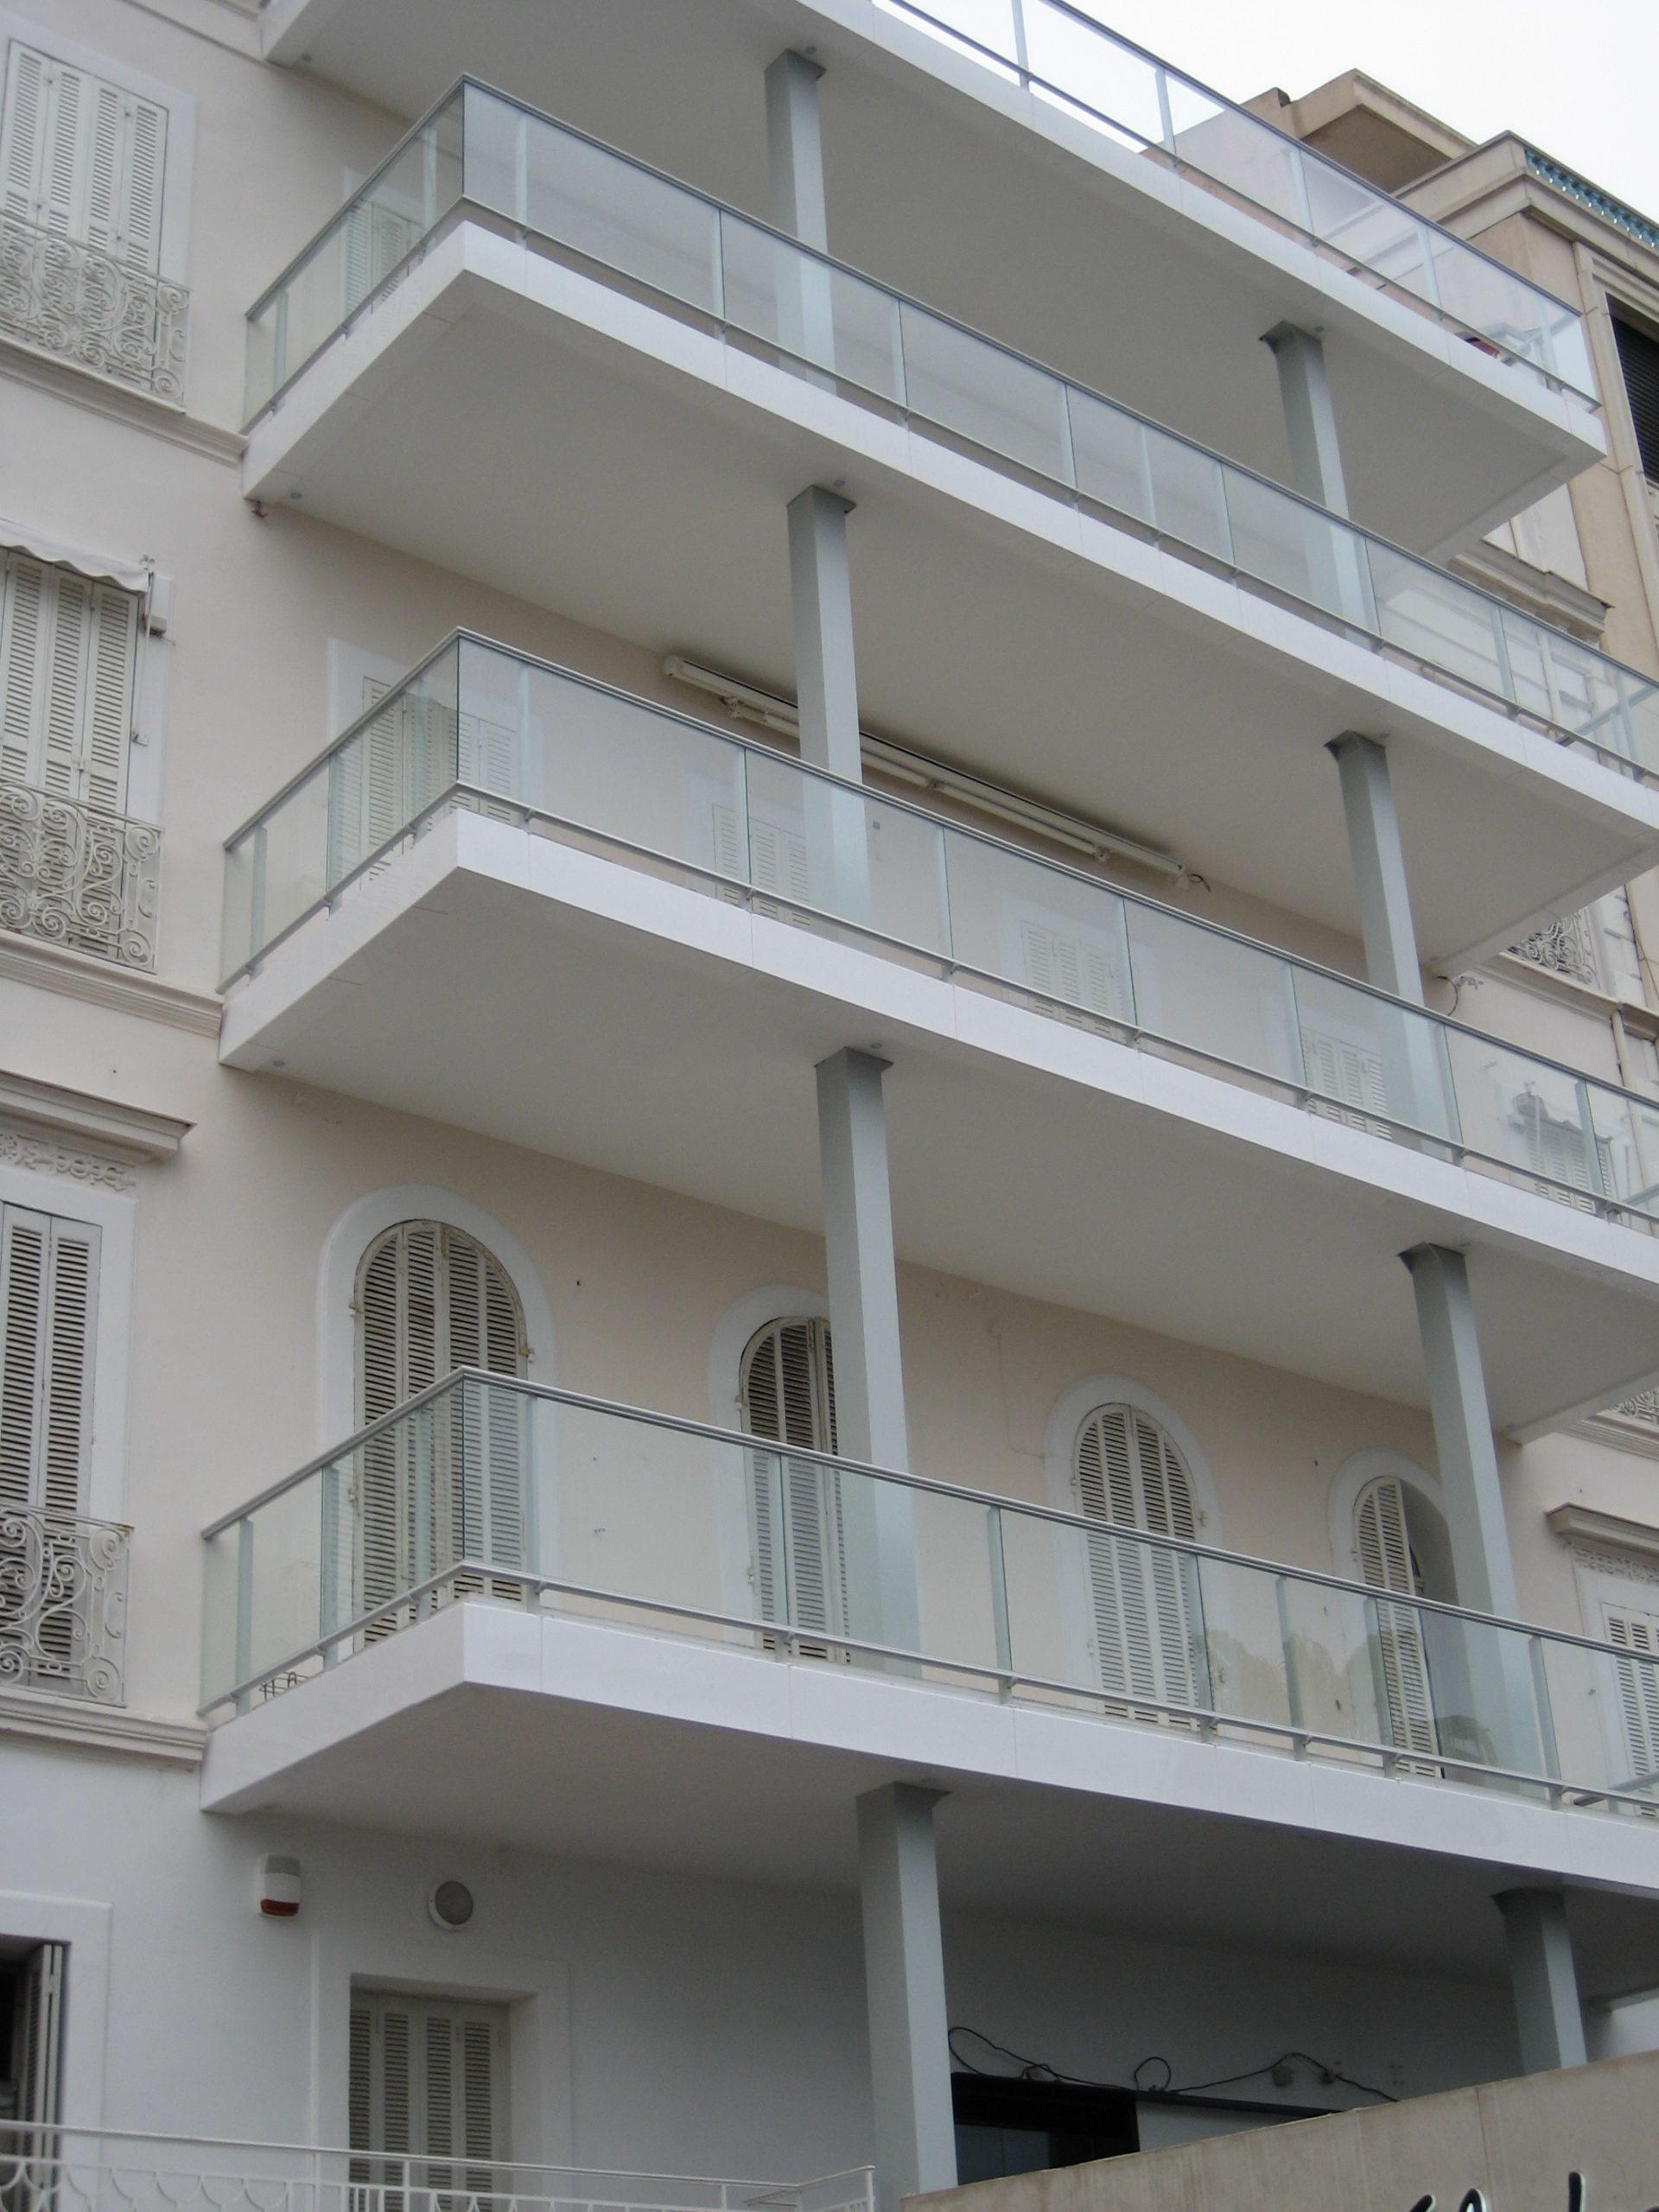 Ringhiere in vetro e alluminio a Cannes, La Croisette (Francia)